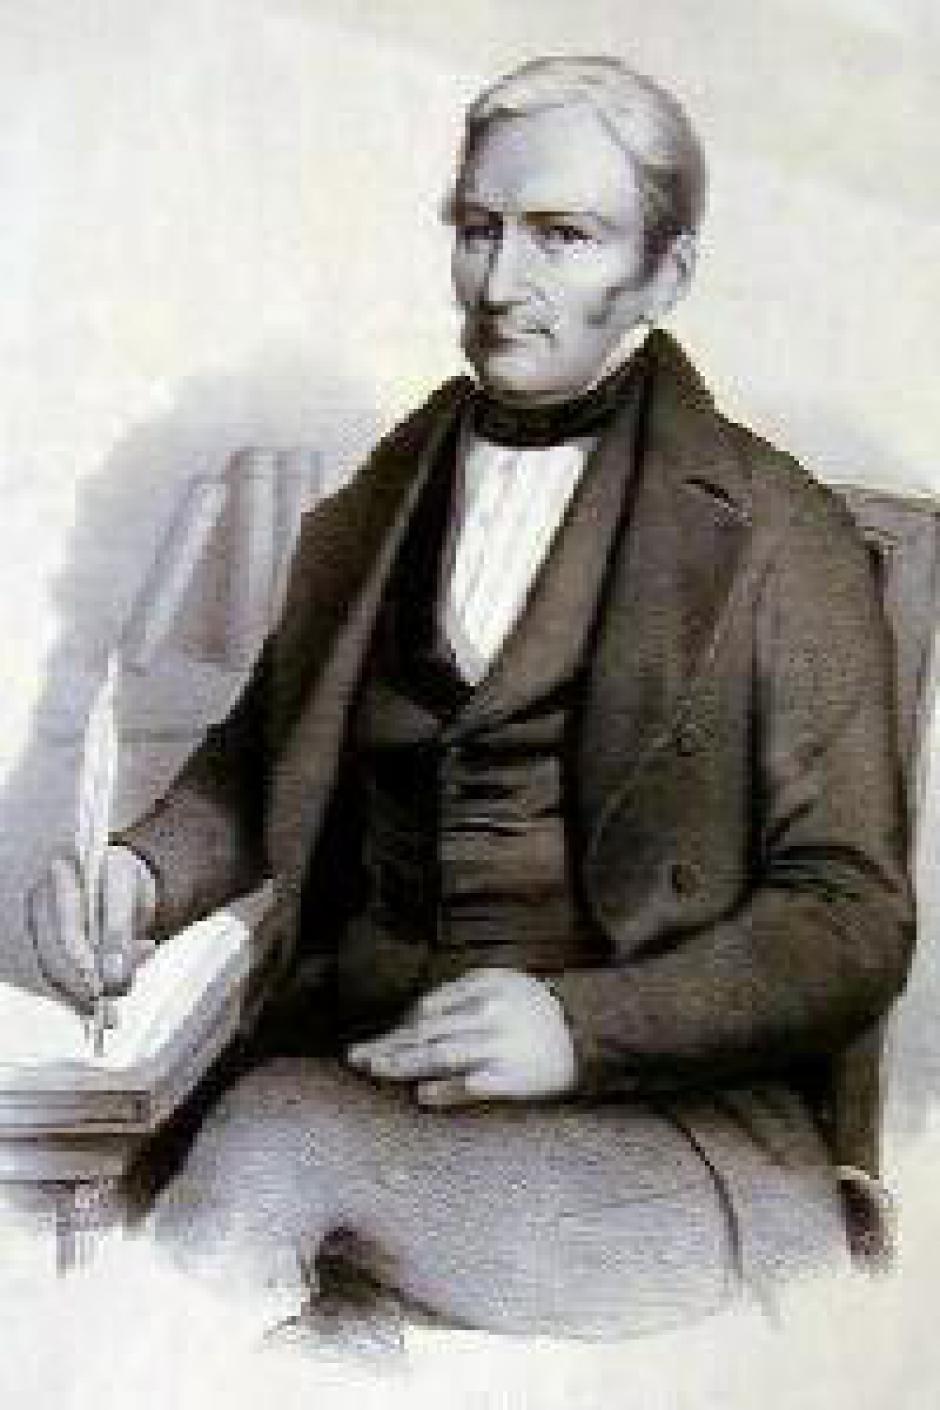 Étienne Cabet (1788-1856), le temps de l'utopie communiste, François Fourn*